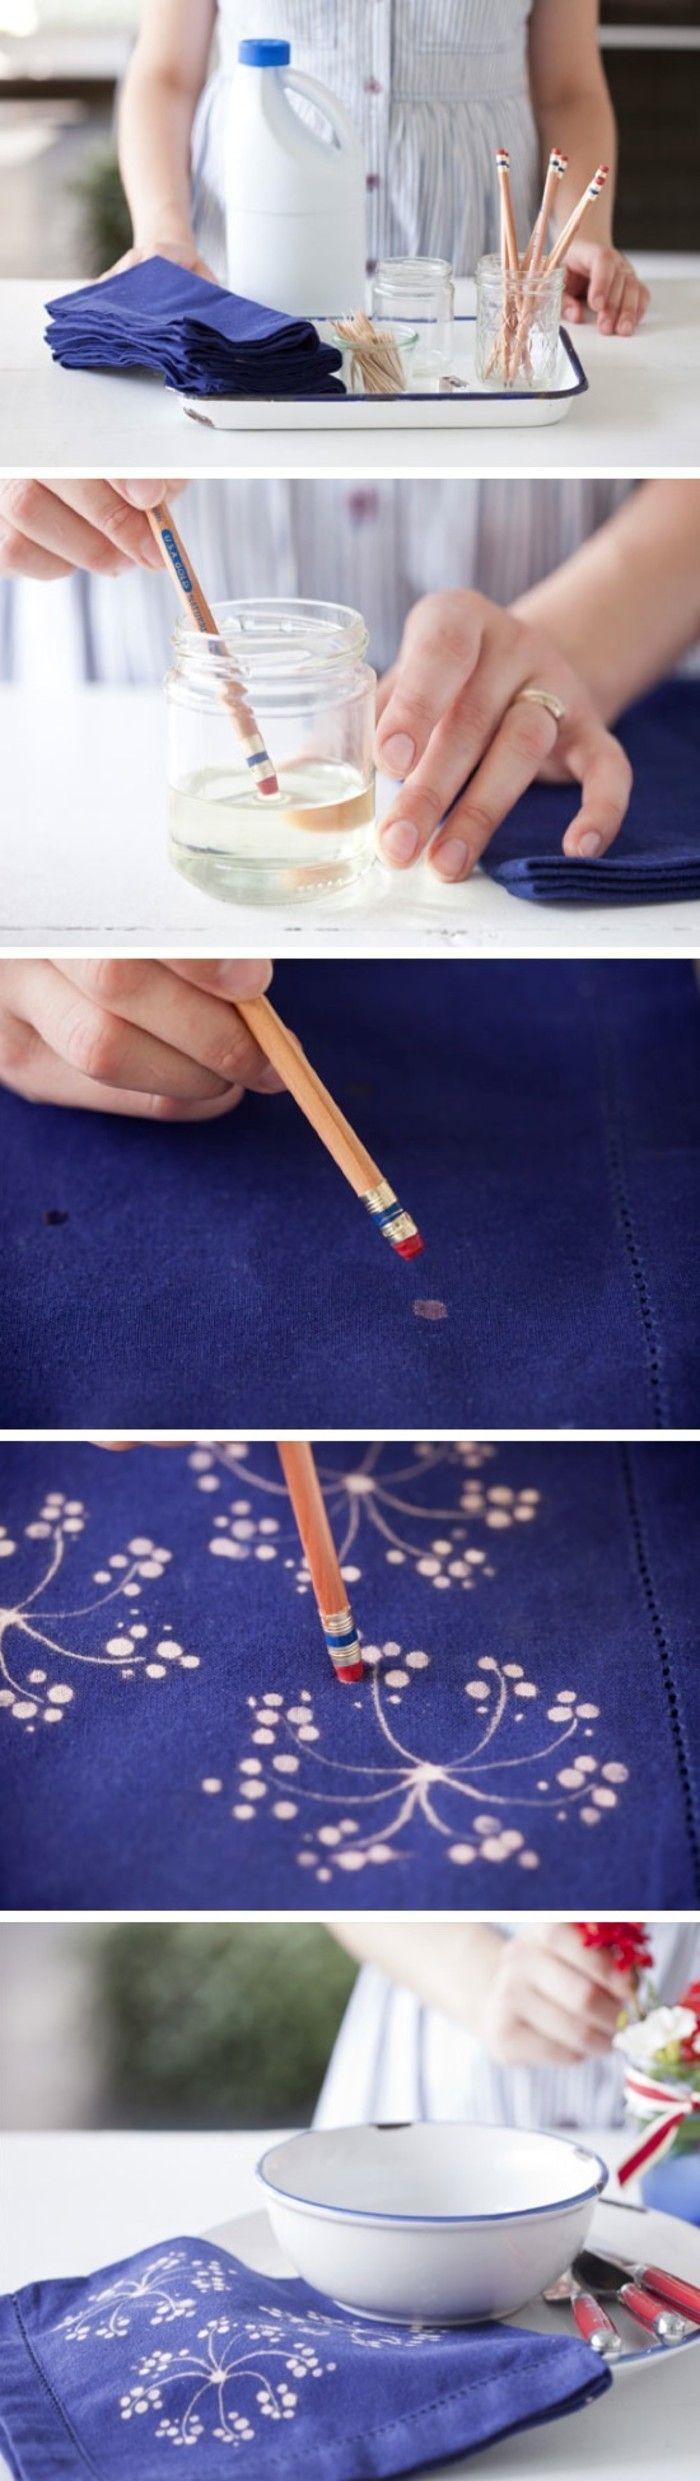 找不到理想花布的圖案嗎? 利用漂白劑和鉛筆頭,將素色布以沾點方式,自製布的圖樣,做出有別於大量批發布的創意,相當簡單卻又很有效果!